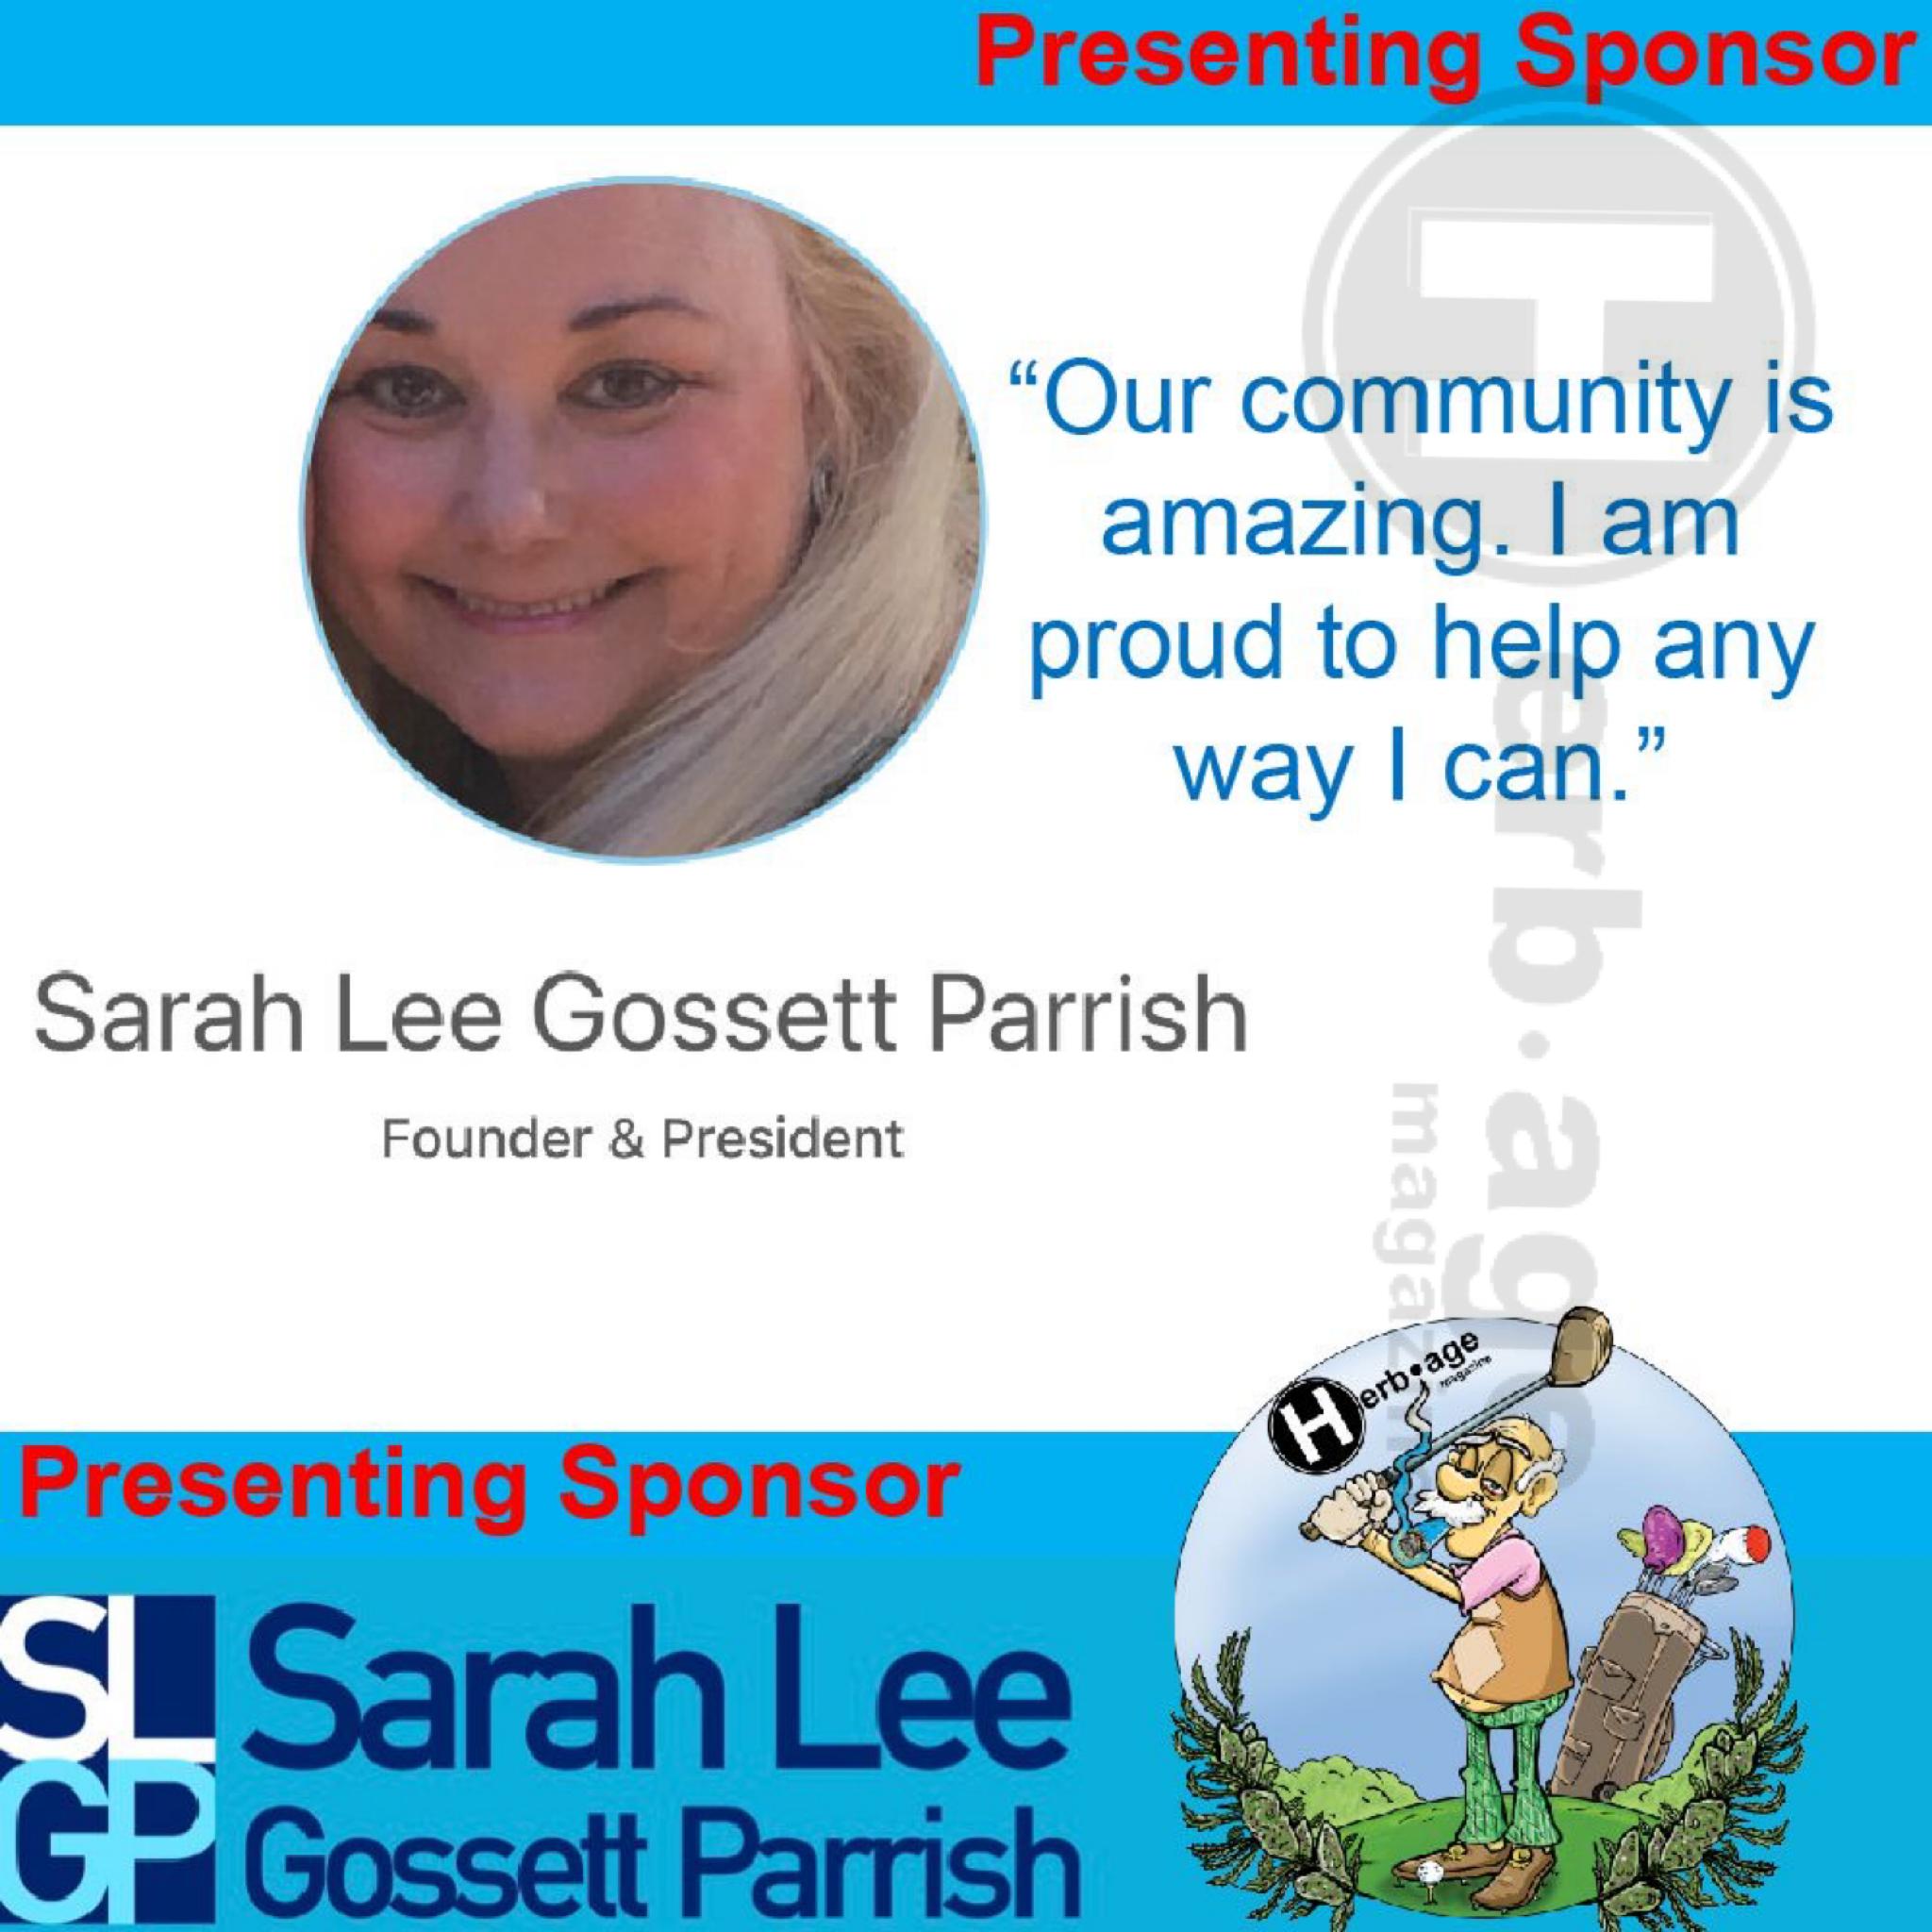 Sarah Lee Gossett Parrish